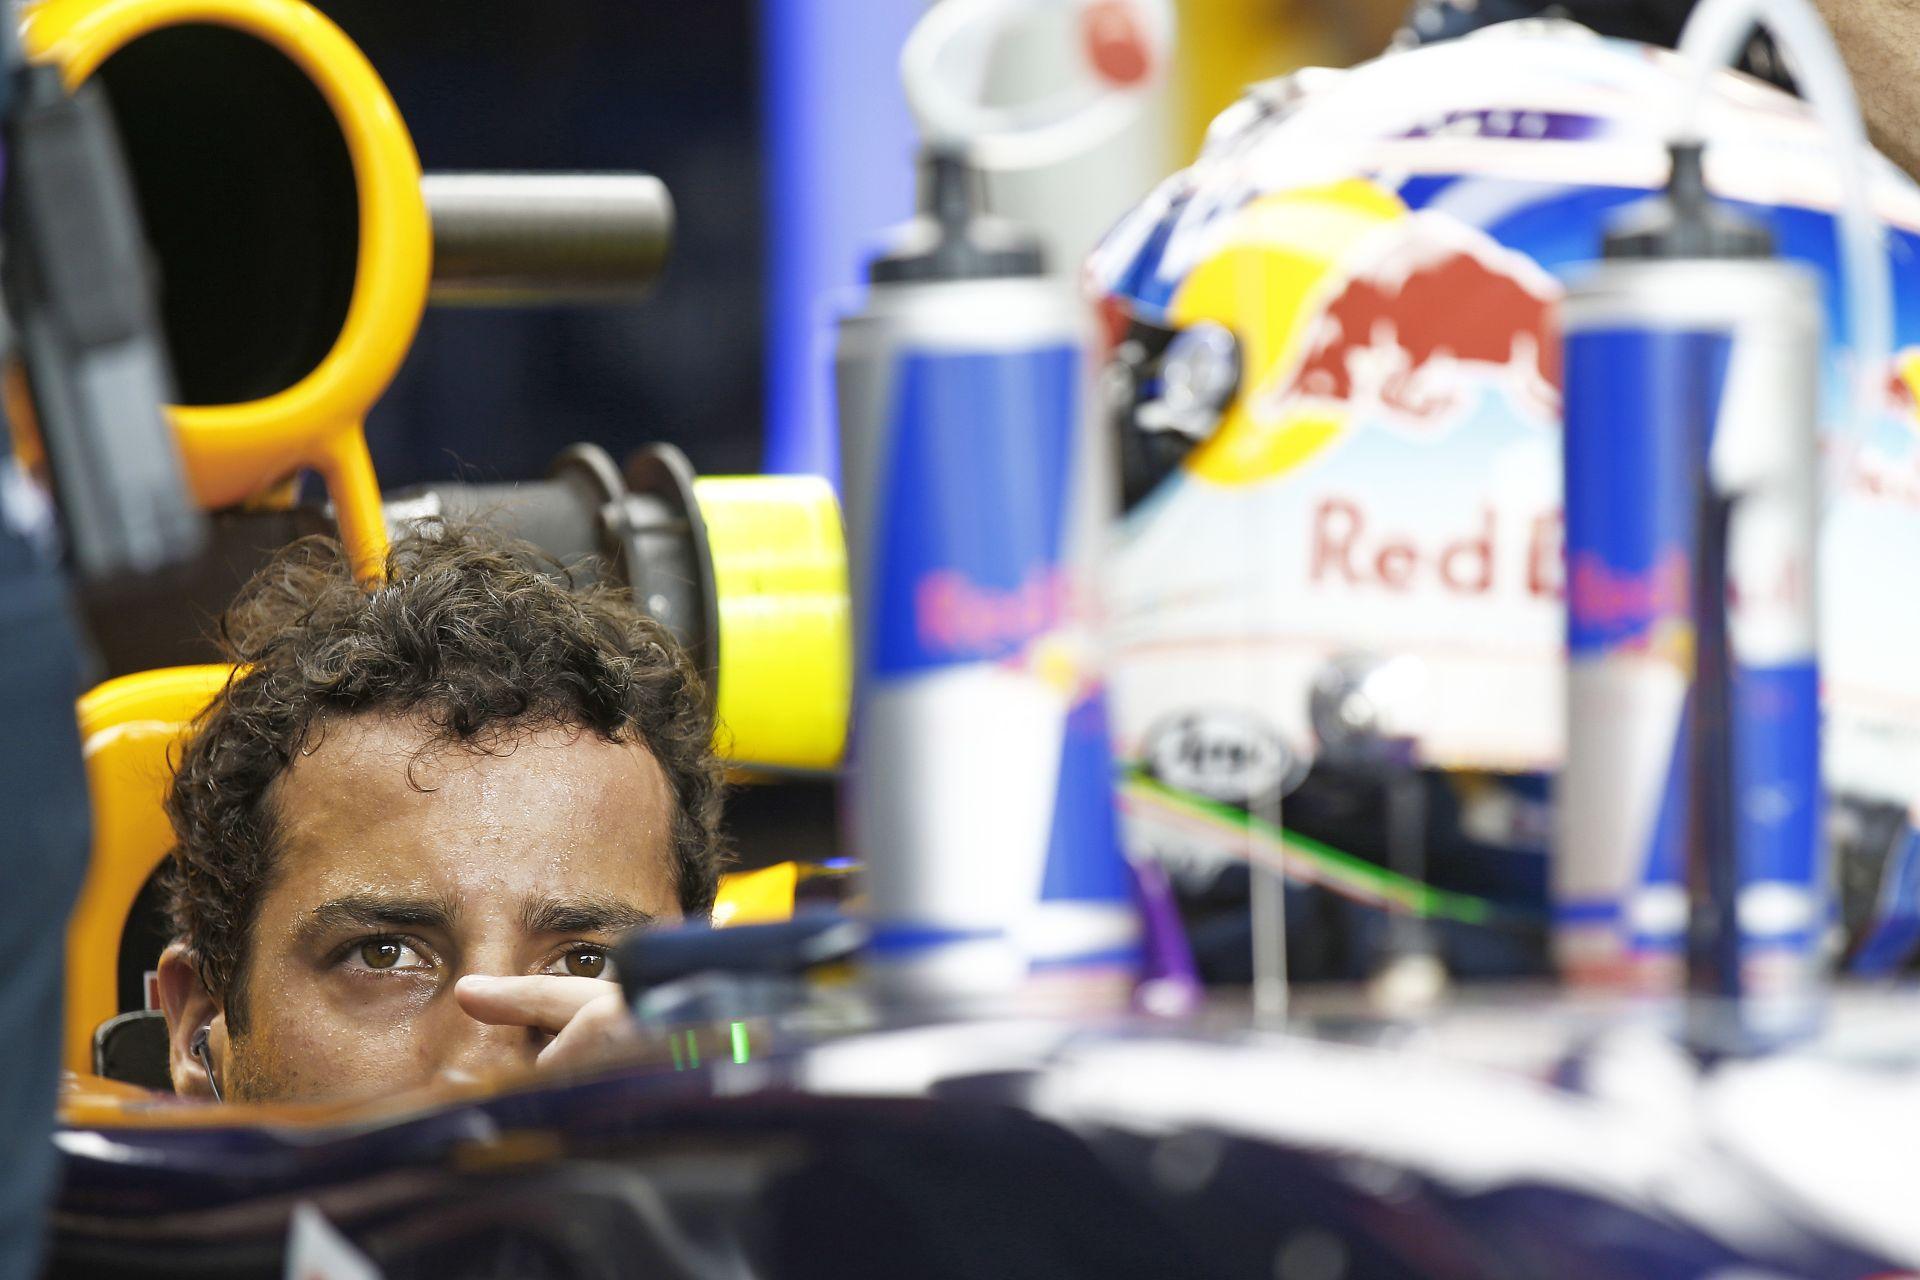 Az új Renault-motor még lassabb, mint a régi: Ricciardo bevallotta, nem történt előrelépés